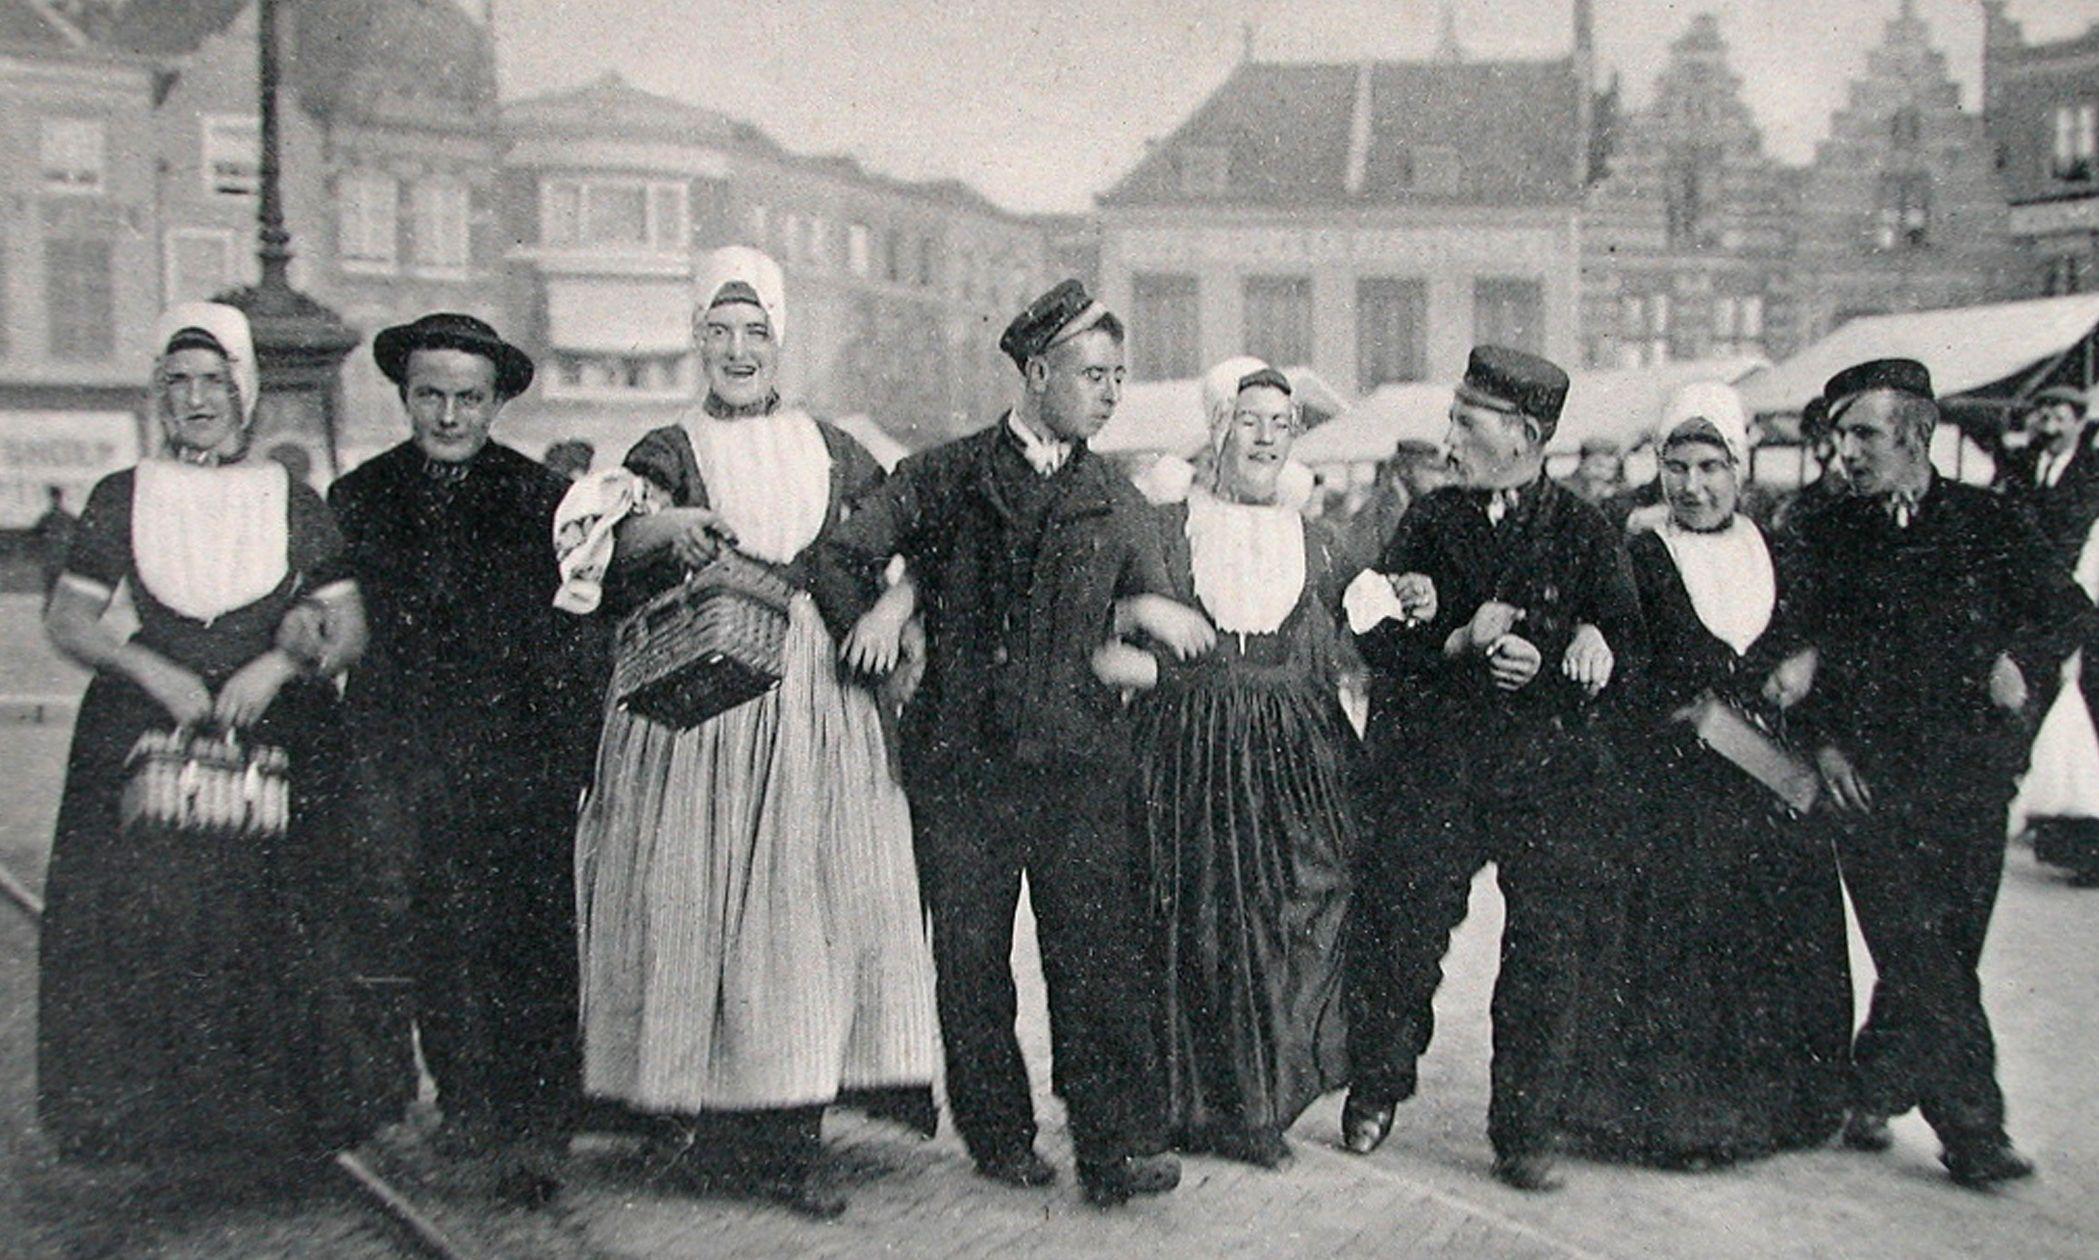 'Aerm in aerm' zingen op Annetjeliesjesdag op de Markt in Middelburg. (Zeeuwse Bibliotheek, Beeldbank Zeeland)